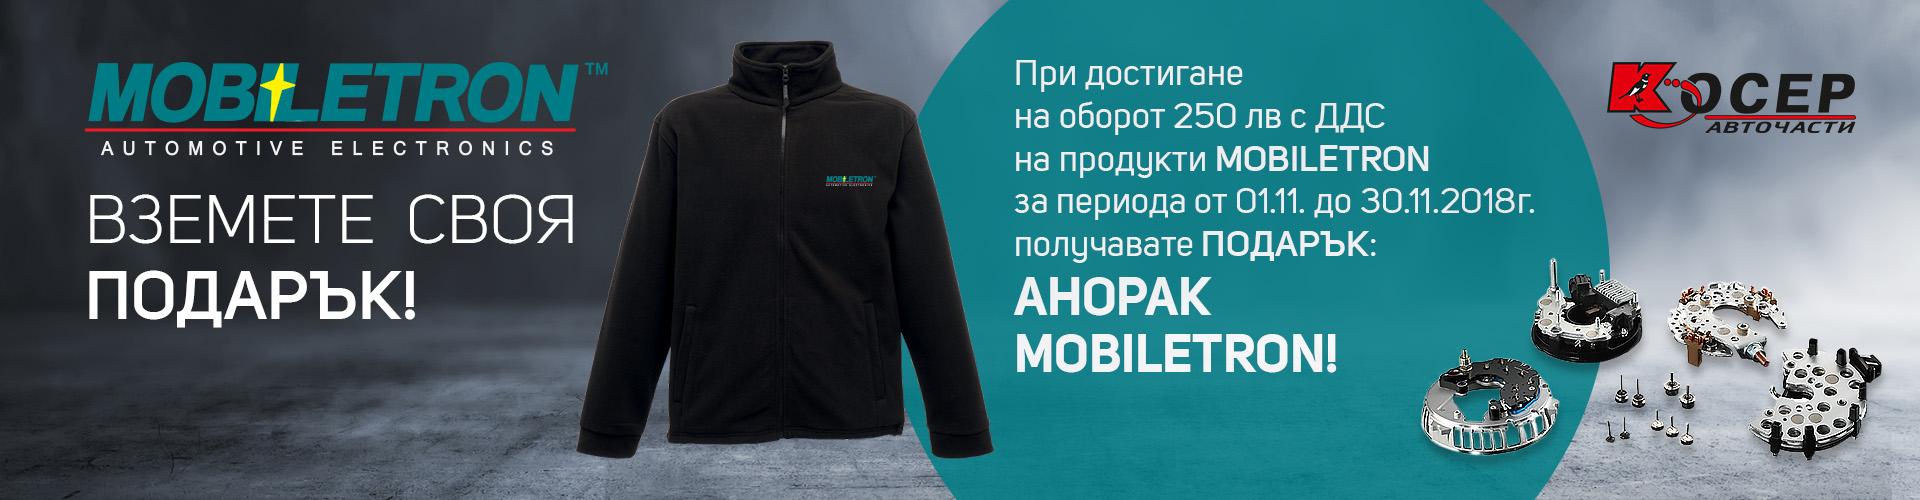 slider_mobiletron_november.jpg